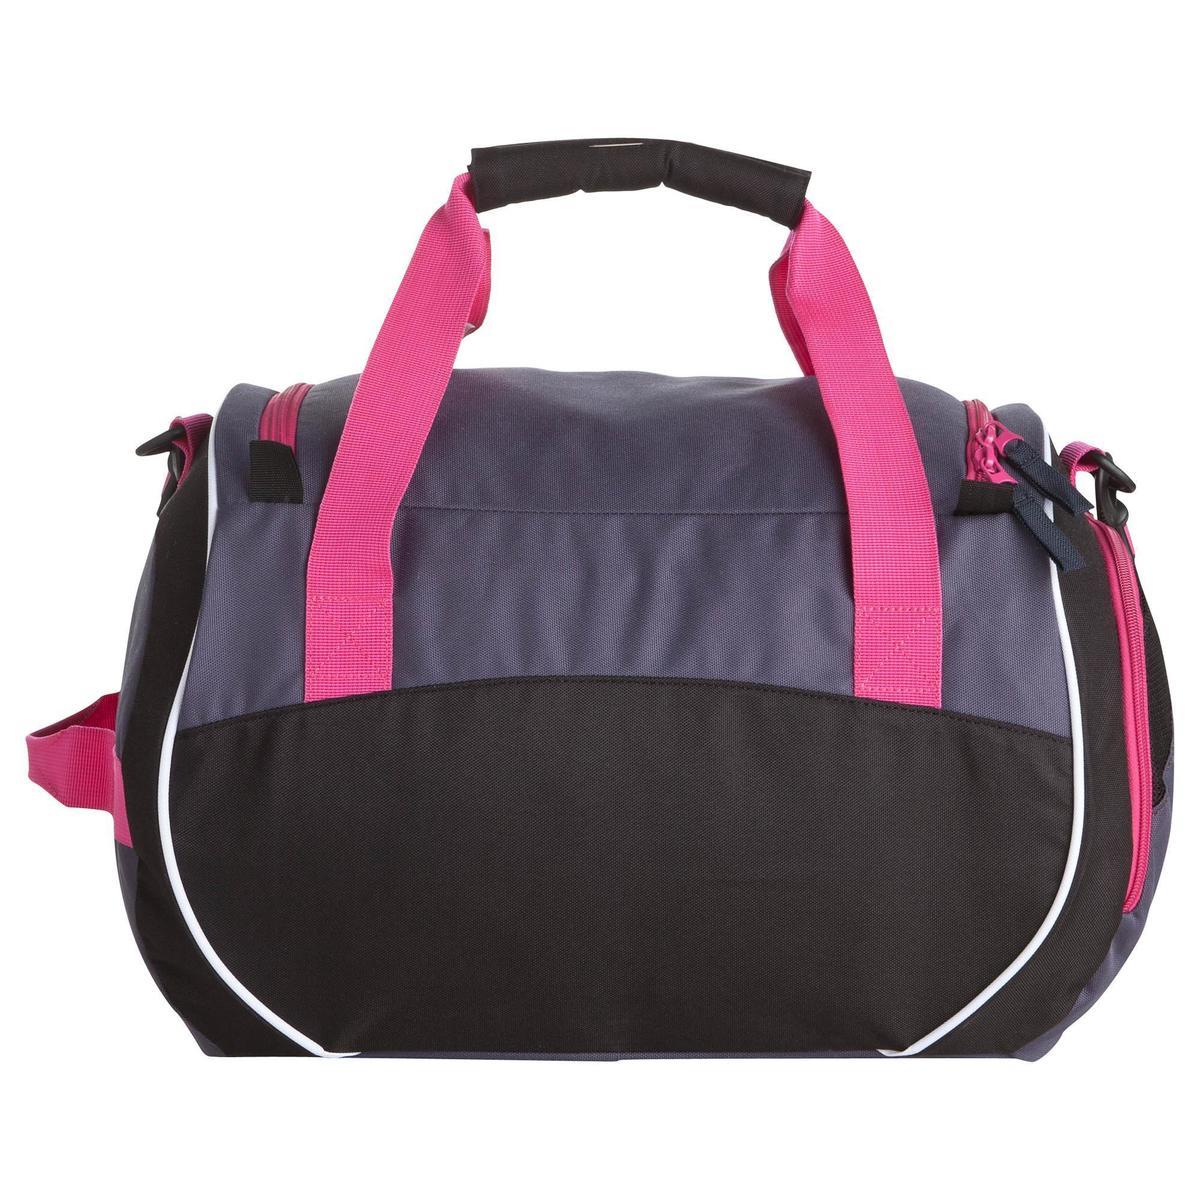 Bild 3 von Schwimmtasche Sporttasche Swimy 30 L grau/rosa